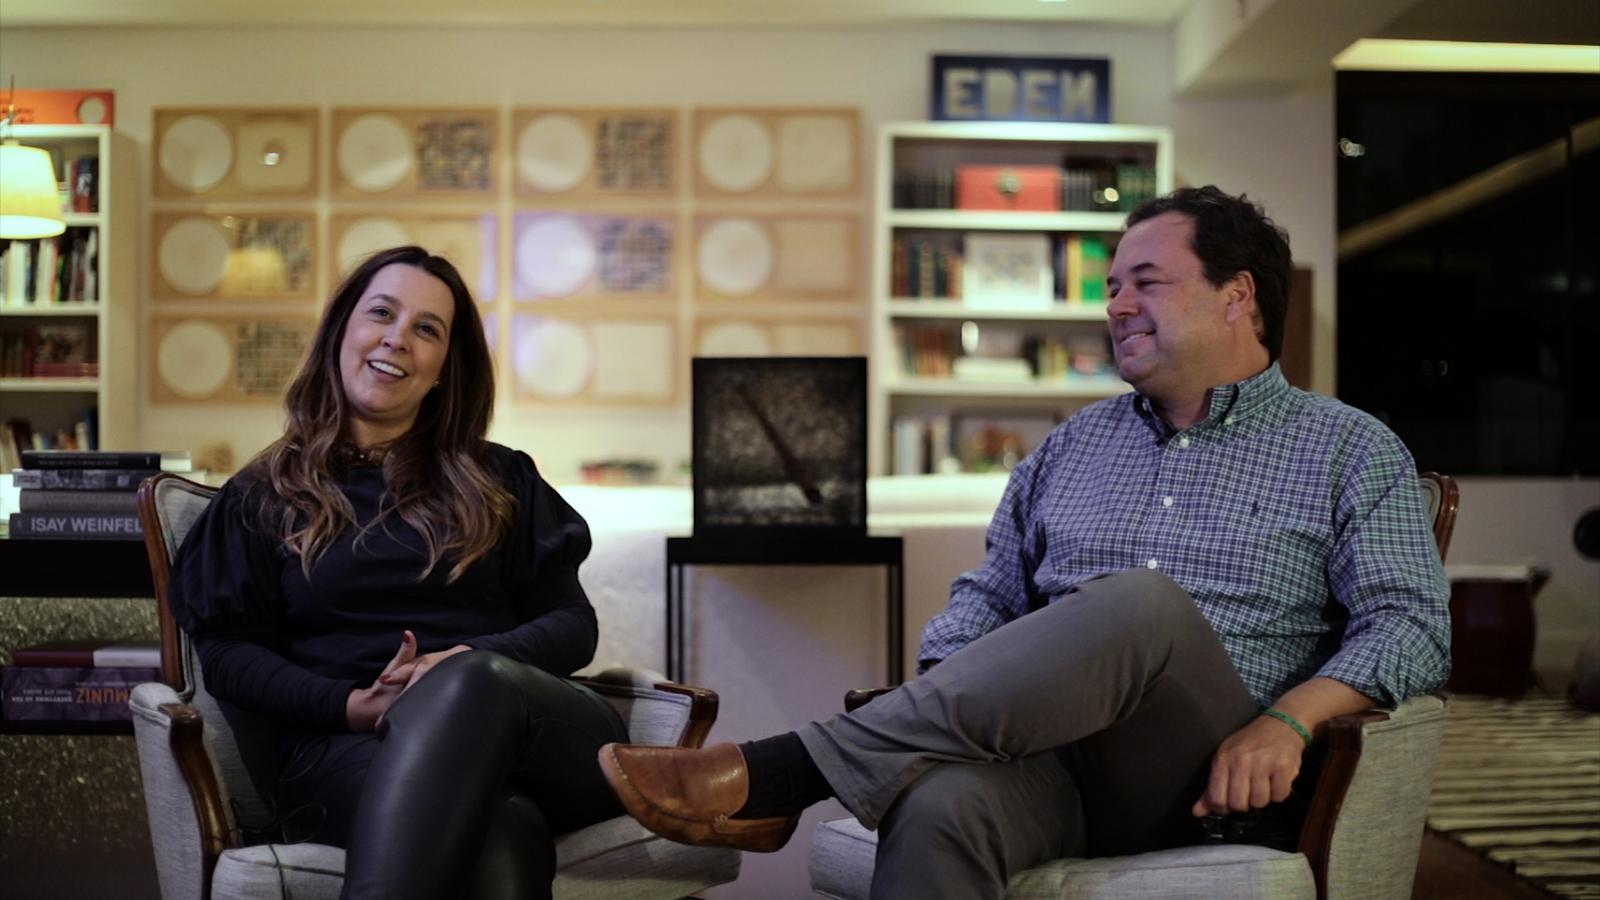 Georgiana Rothier and Bernardo Faria